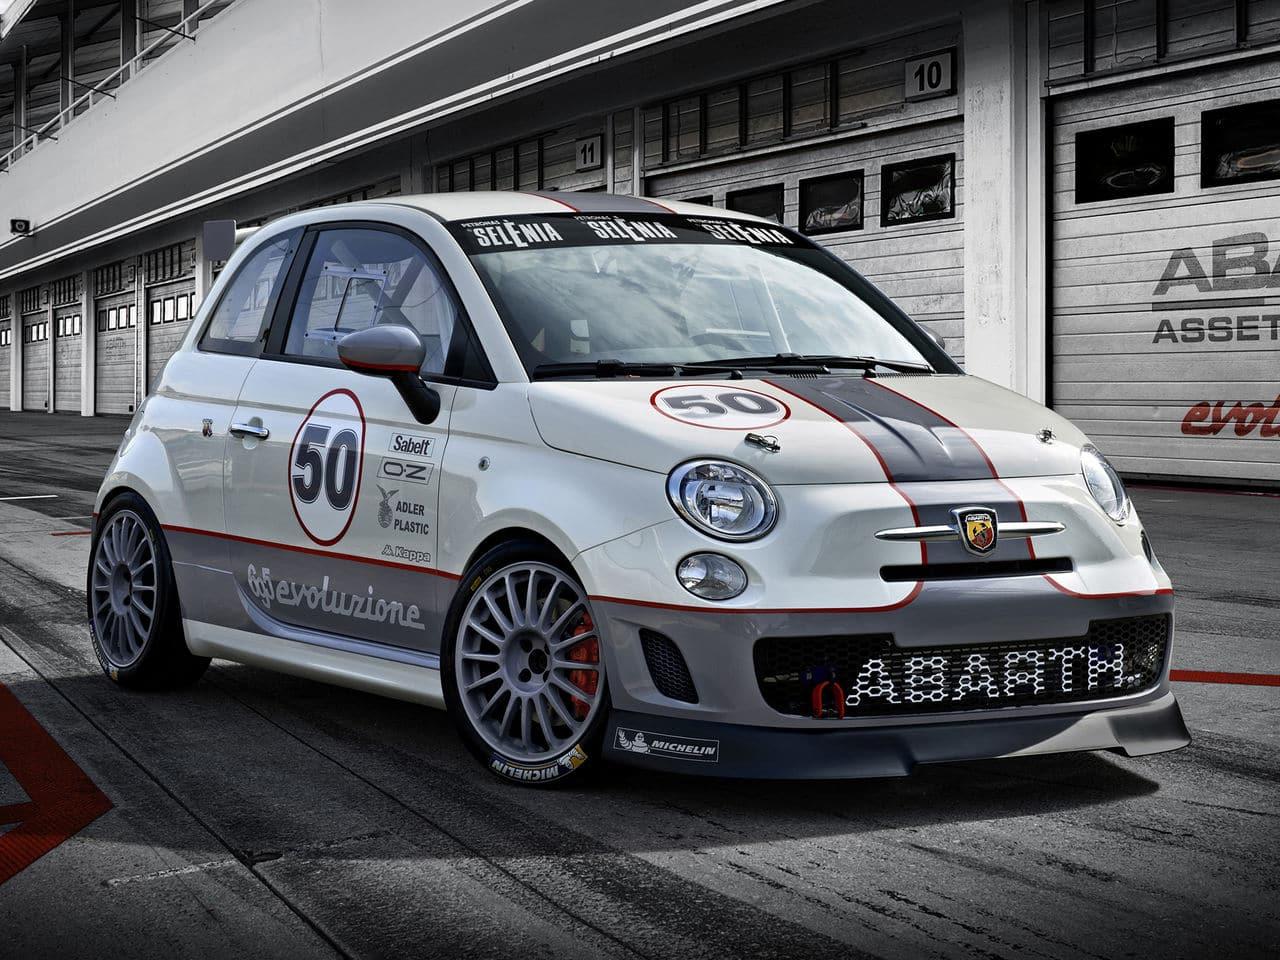 [Fiat] 500 Abarth - Page 13 Abarth_695_assetto_corse_evoluzione_2